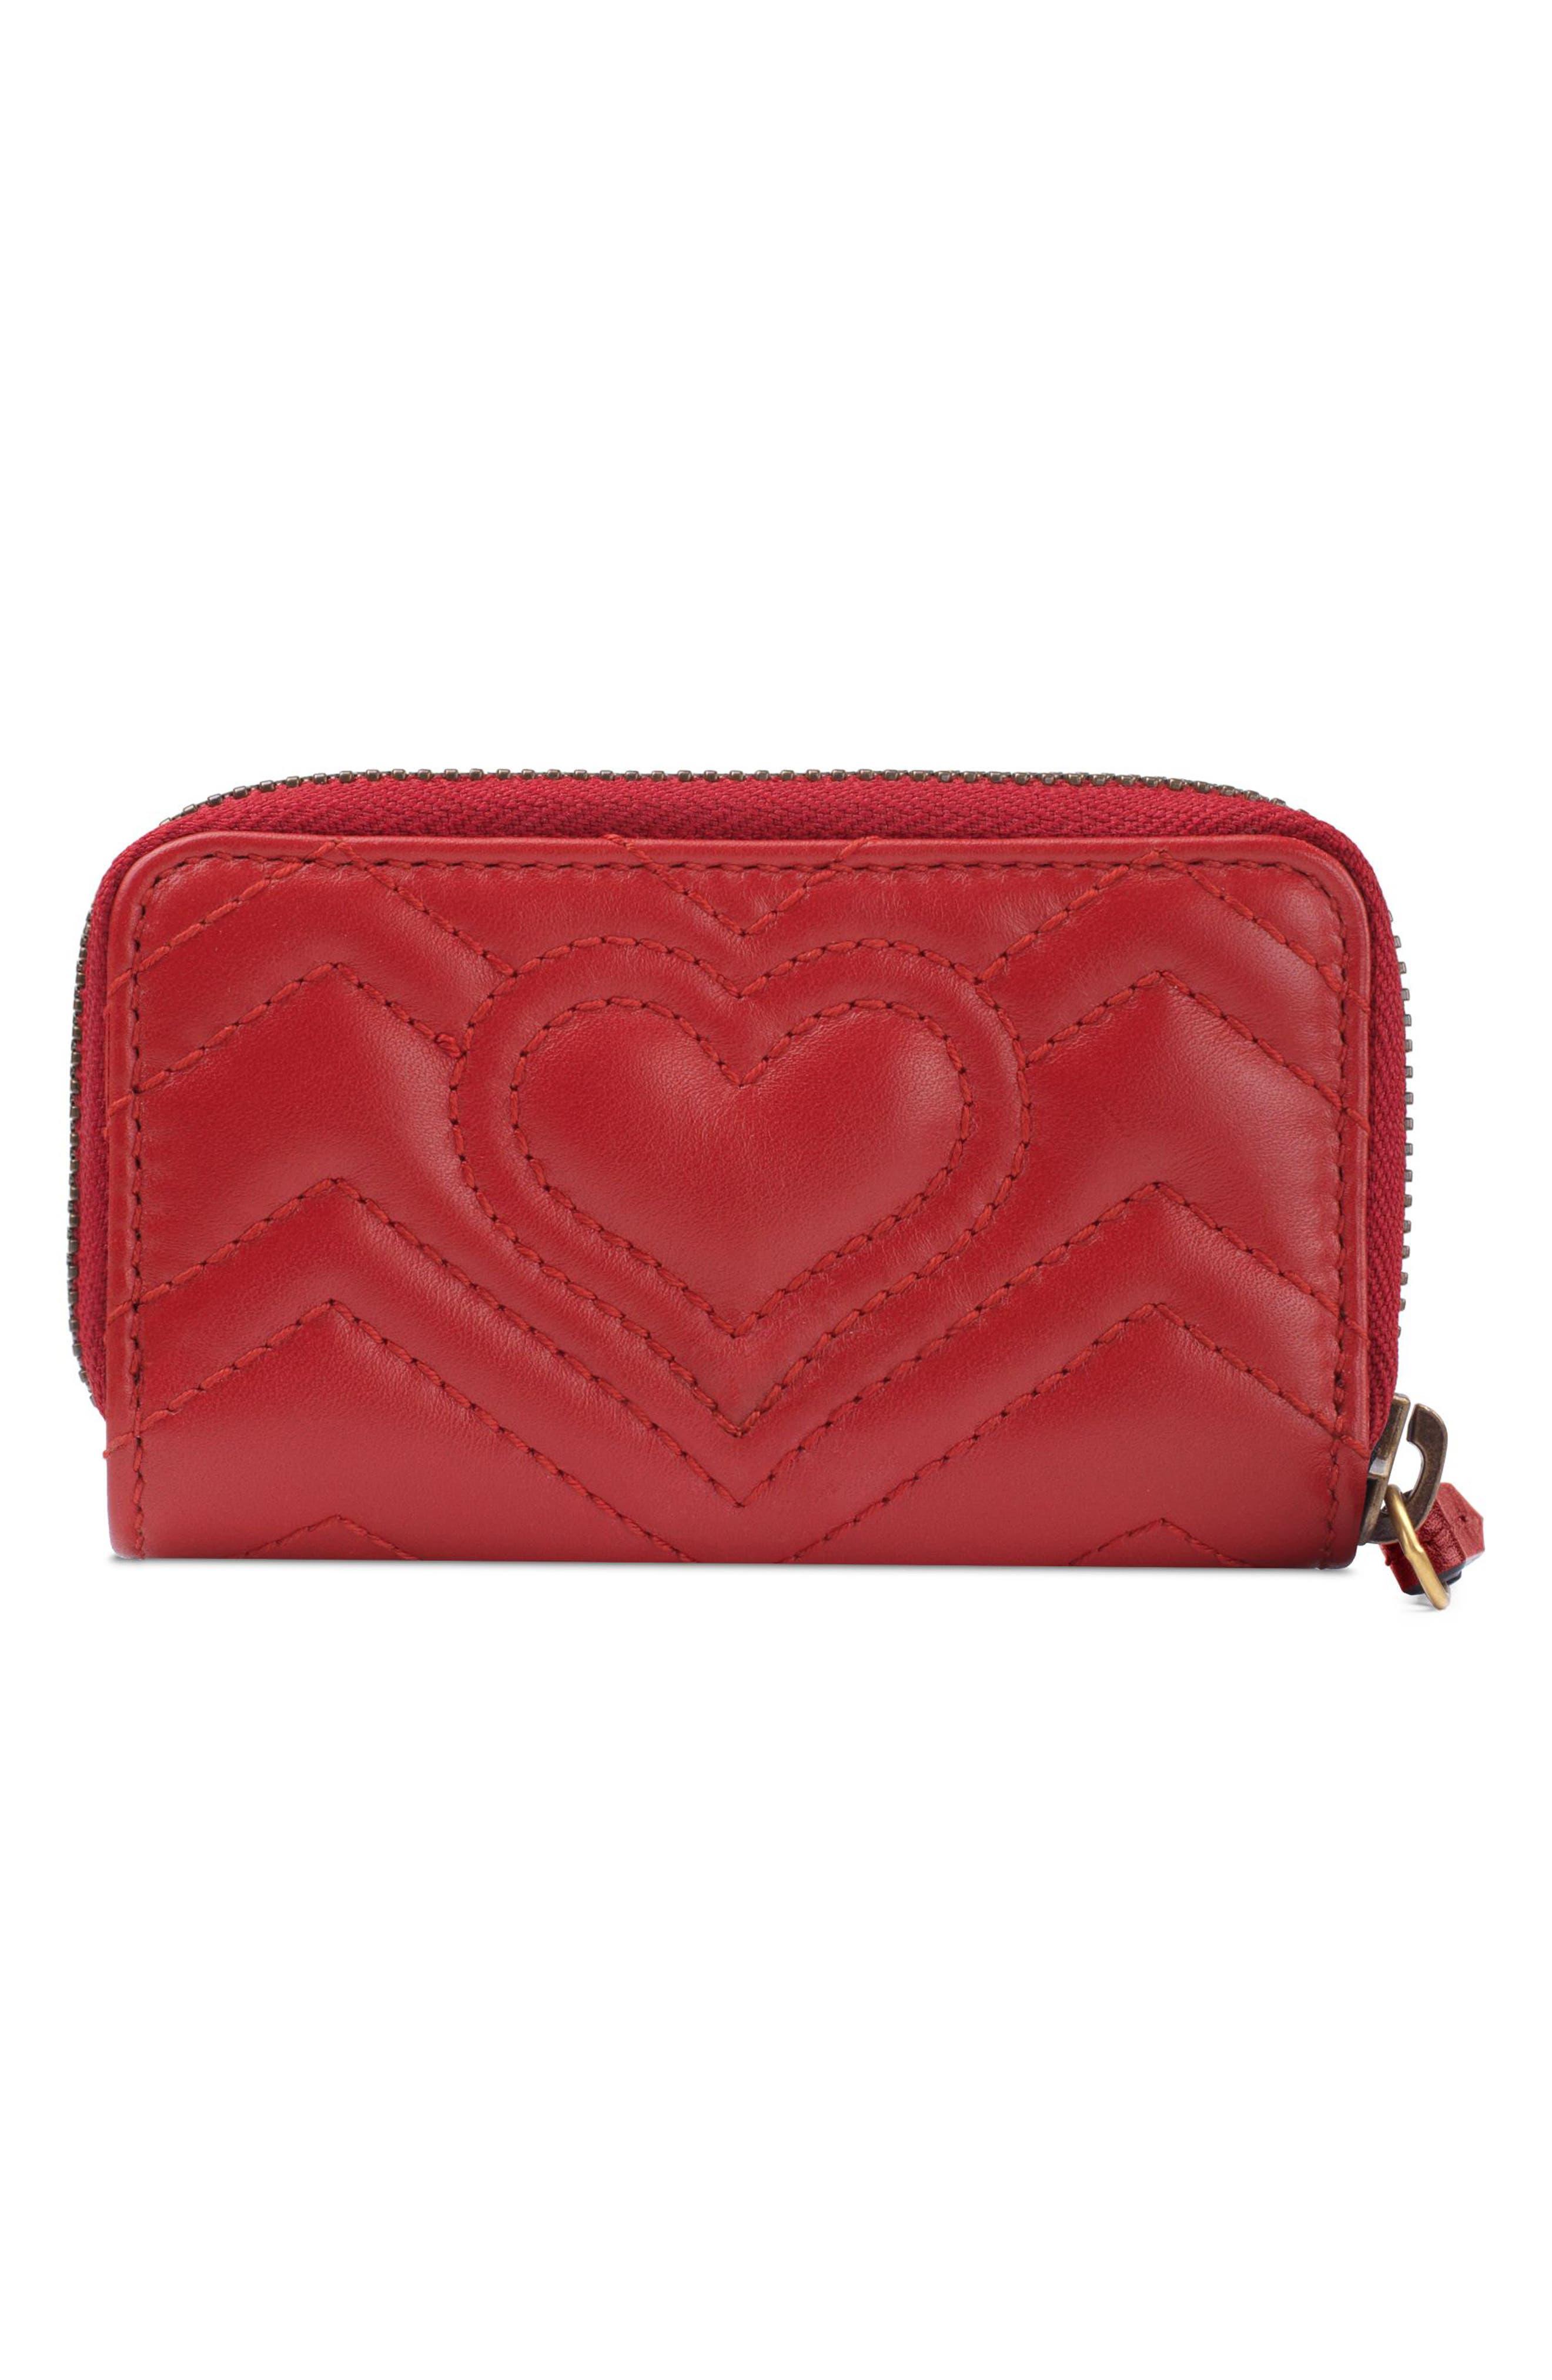 Marmont 2.0 Matelassé Leather Key Case Pouch,                             Alternate thumbnail 3, color,                             HIBISCUS RED